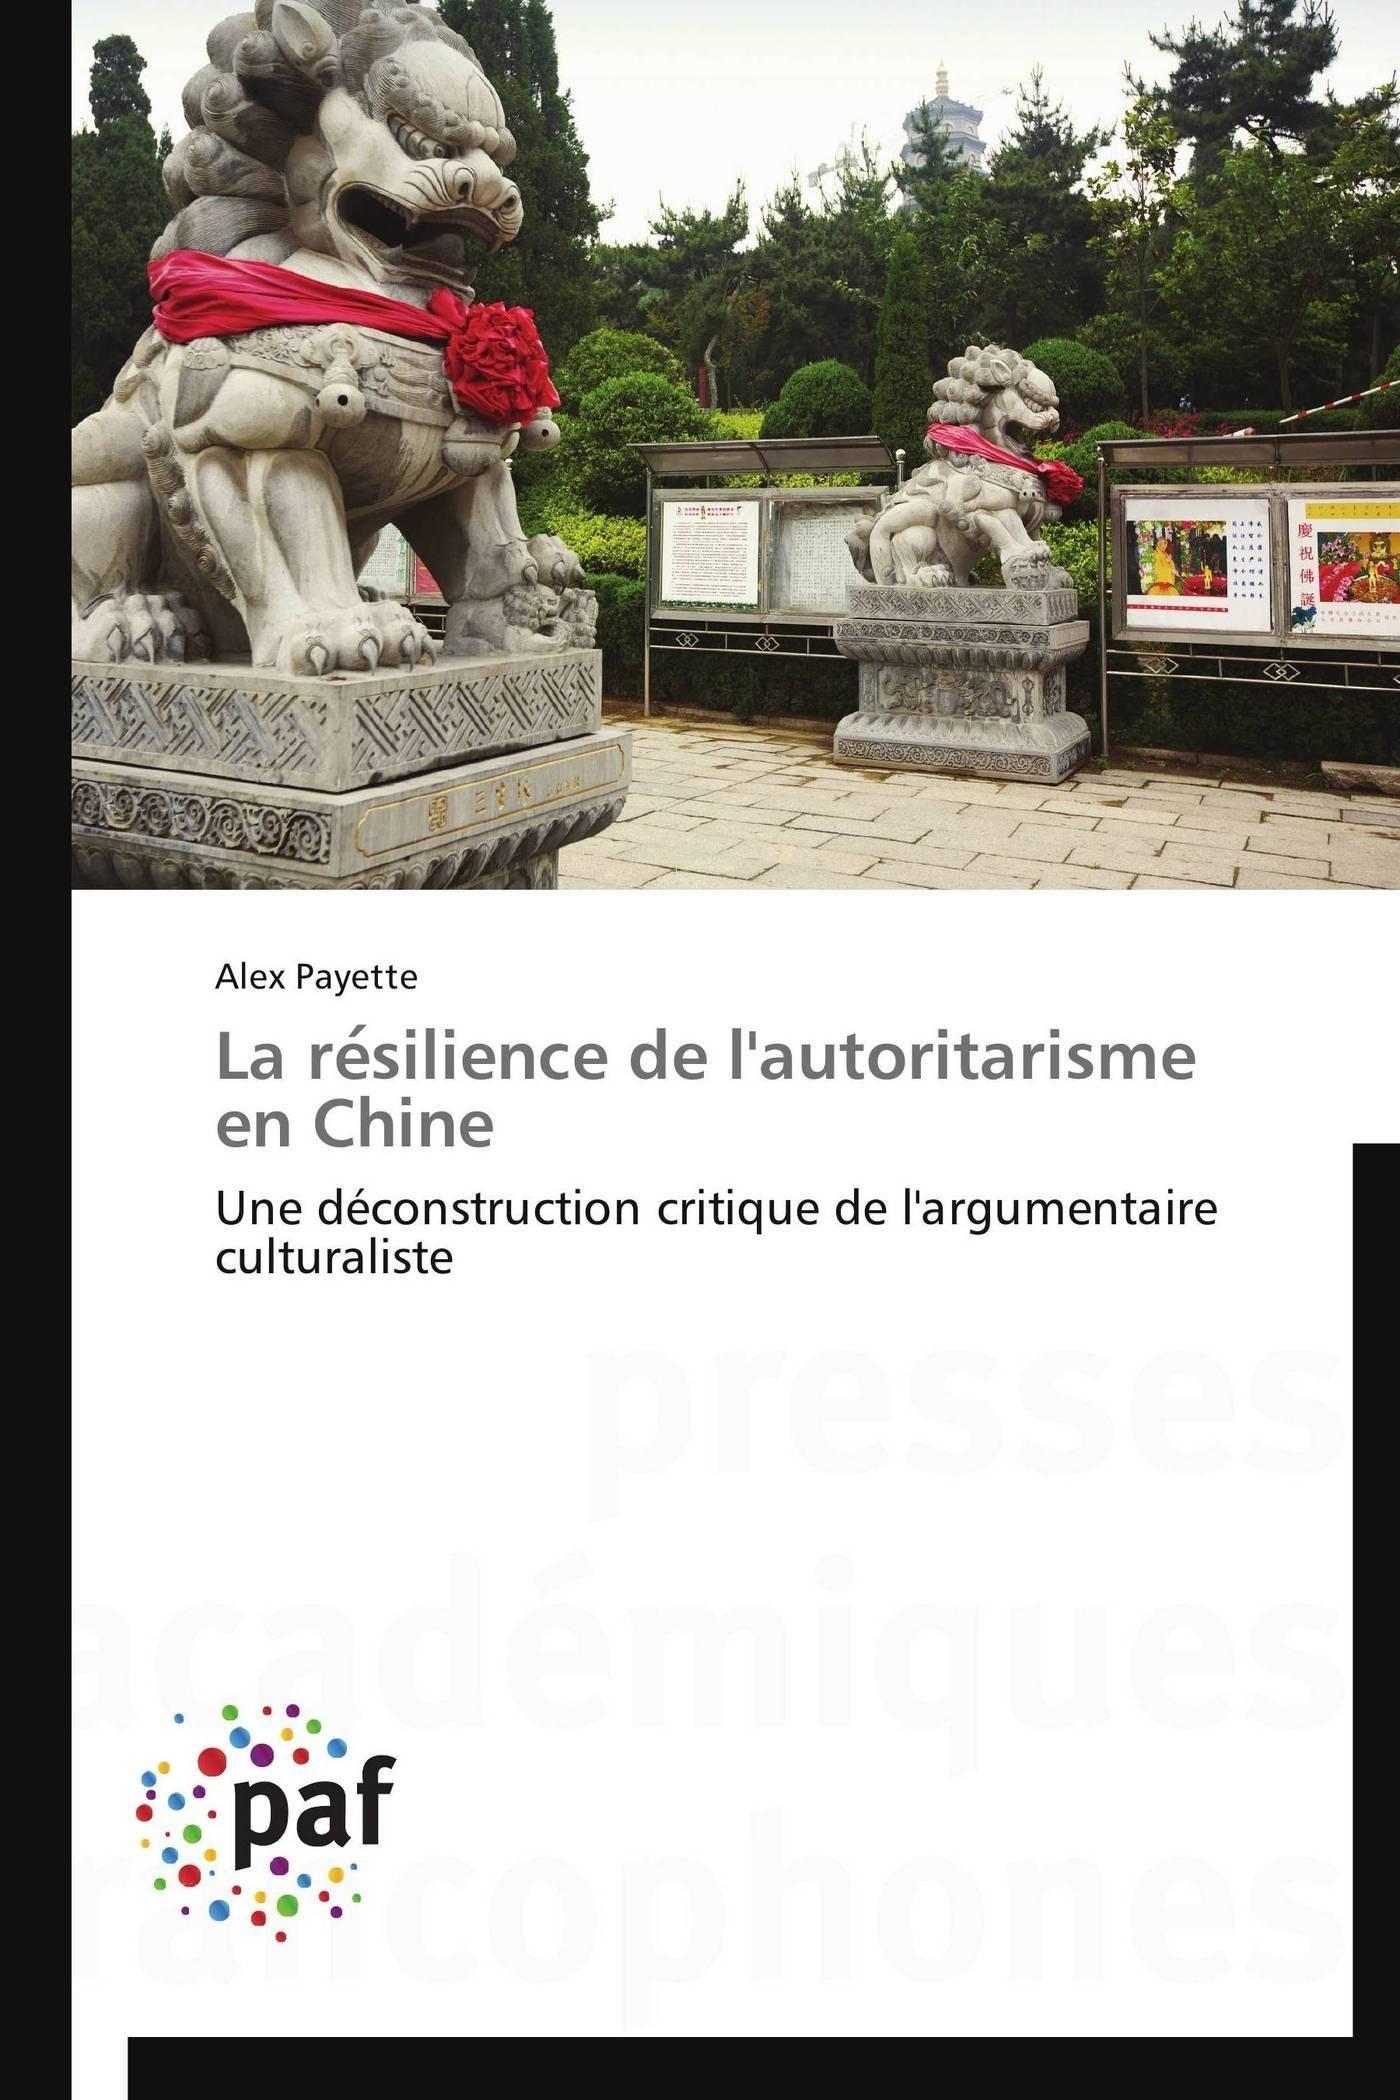 LA RE SILIENCE DE L'AUTORITARISME EN CHINE